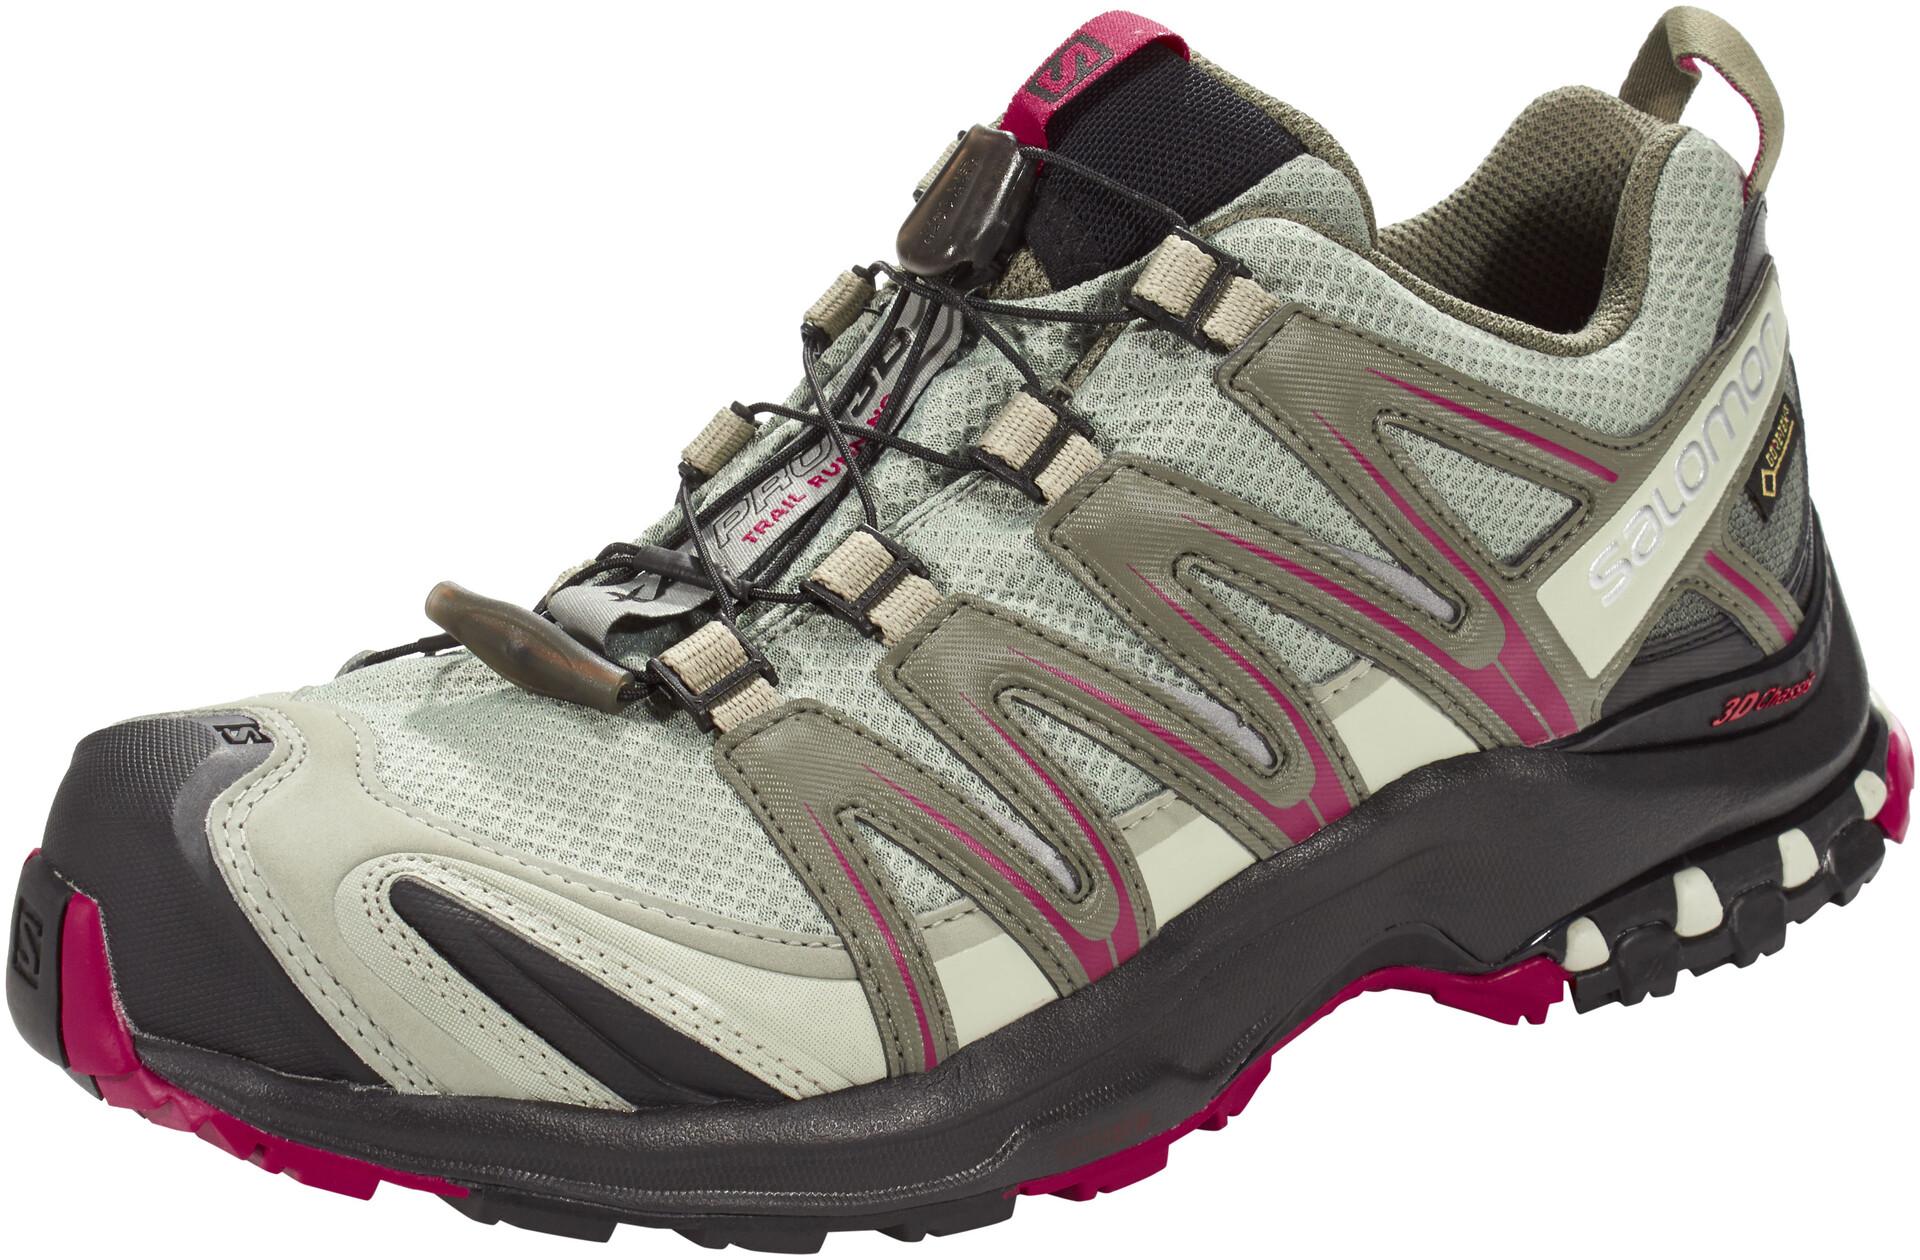 Running Femme Chaussures Xa Sur Salomon 3d Campz Gtx Pro Gris wYHdqXZ